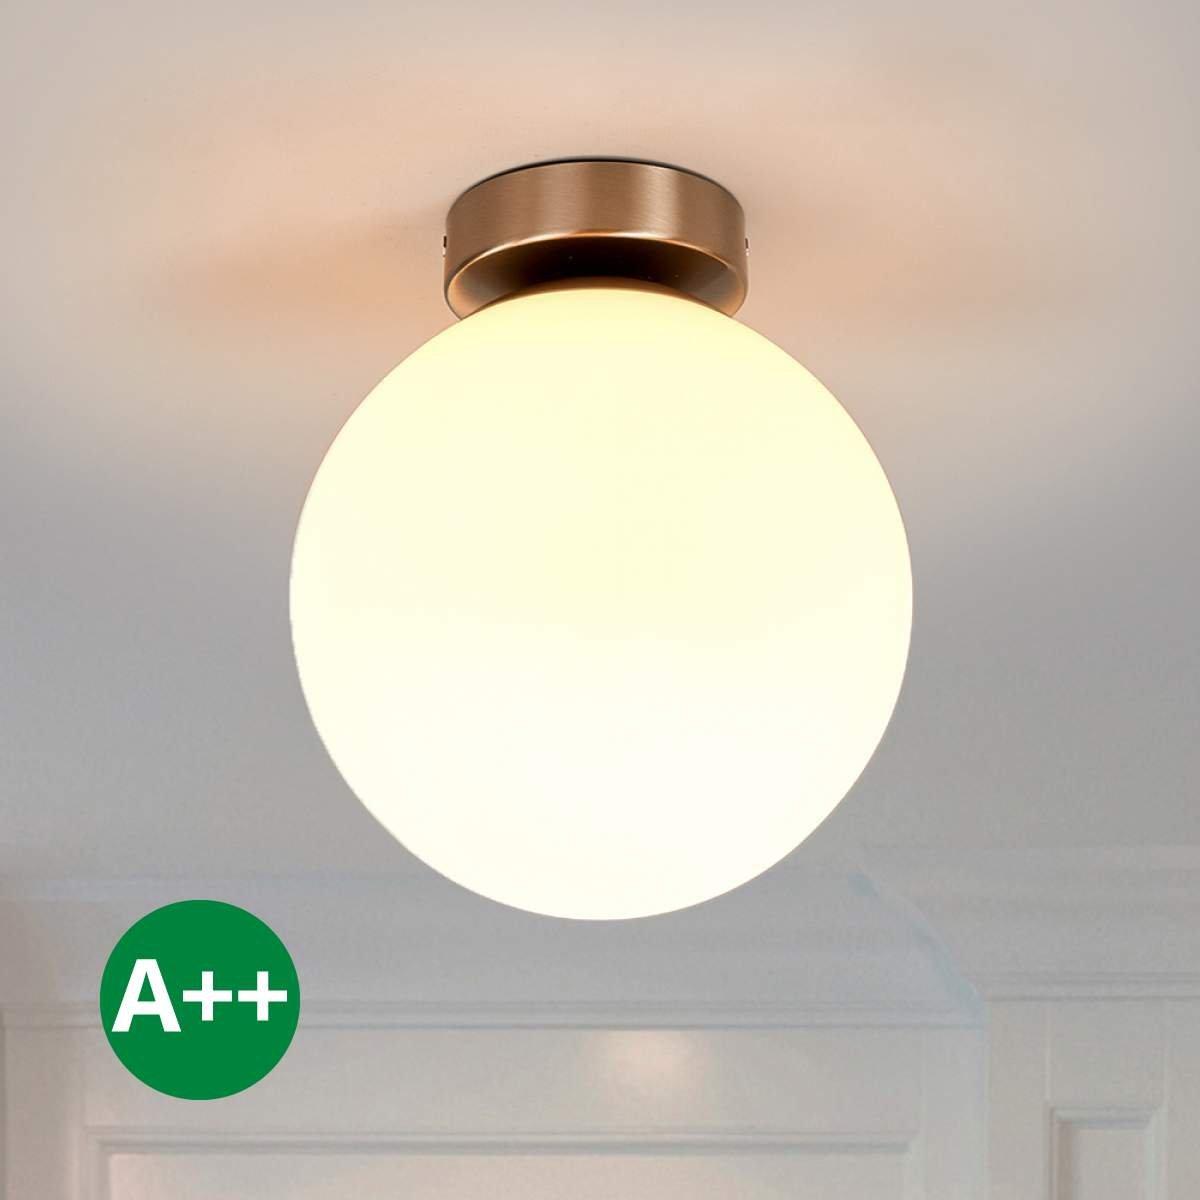 Lampenwelt DeckenleuchteLennie dimmbar (spritzwassergeschützt) (Modern) in Weiß aus Glas u.a. für Badezimmer (1 flammig, E27, A++) | Bad-Deckenleuchte, Deckenlampe, Lampe, Badezimmerleuchte [Energieklasse A++]